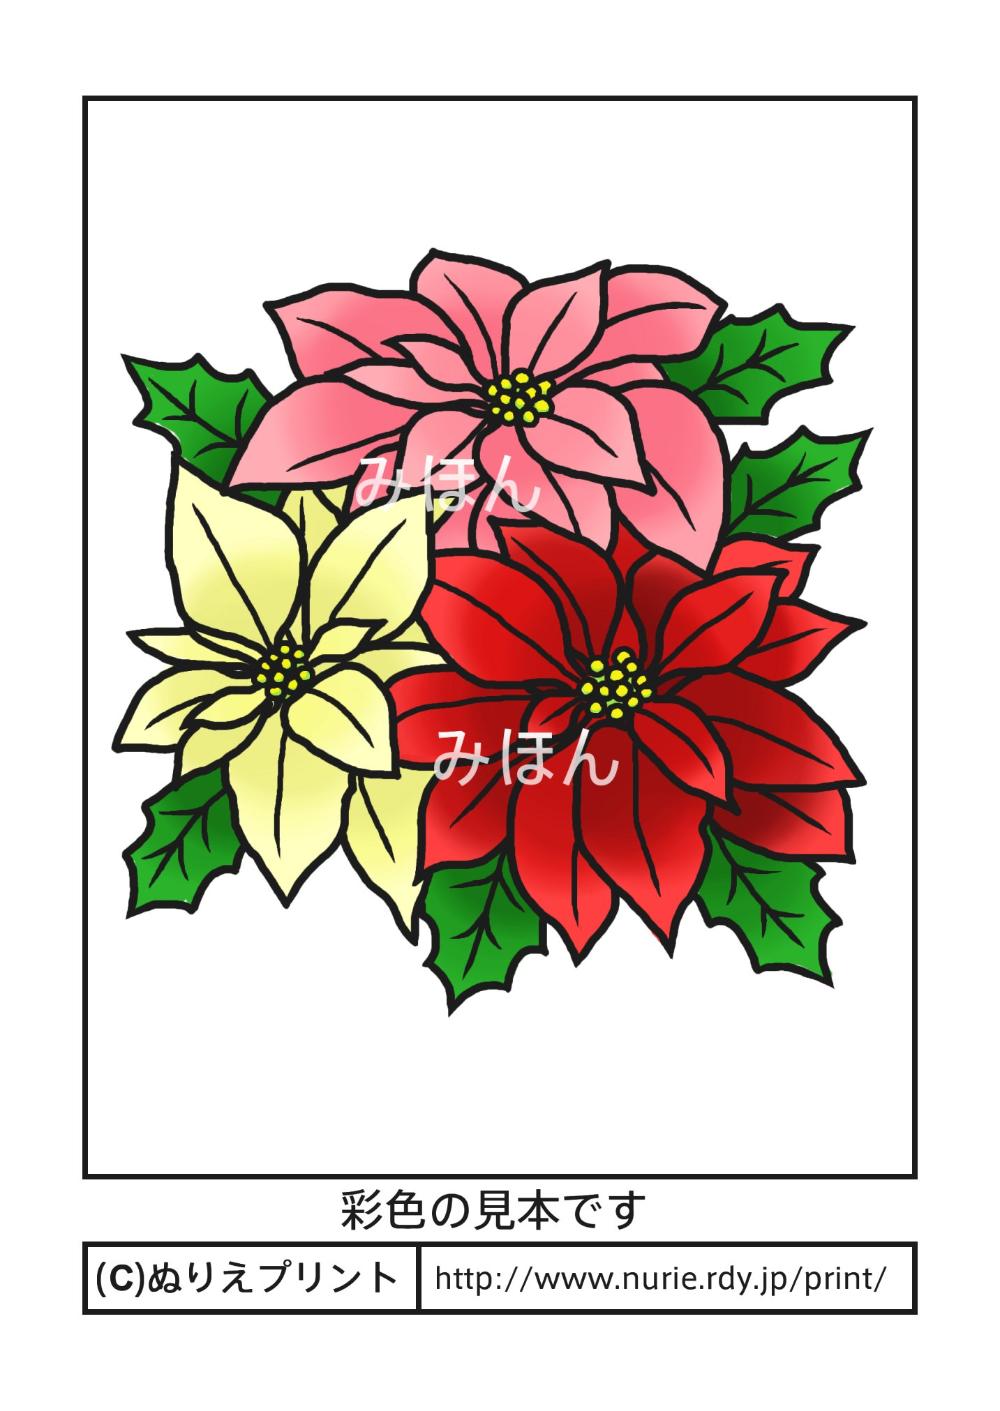 ポインセチア 彩色見本 冬 クリスマスの花 無料塗り絵イラスト ぬりえプリント 塗り絵 無料 クリスマス花 塗り絵